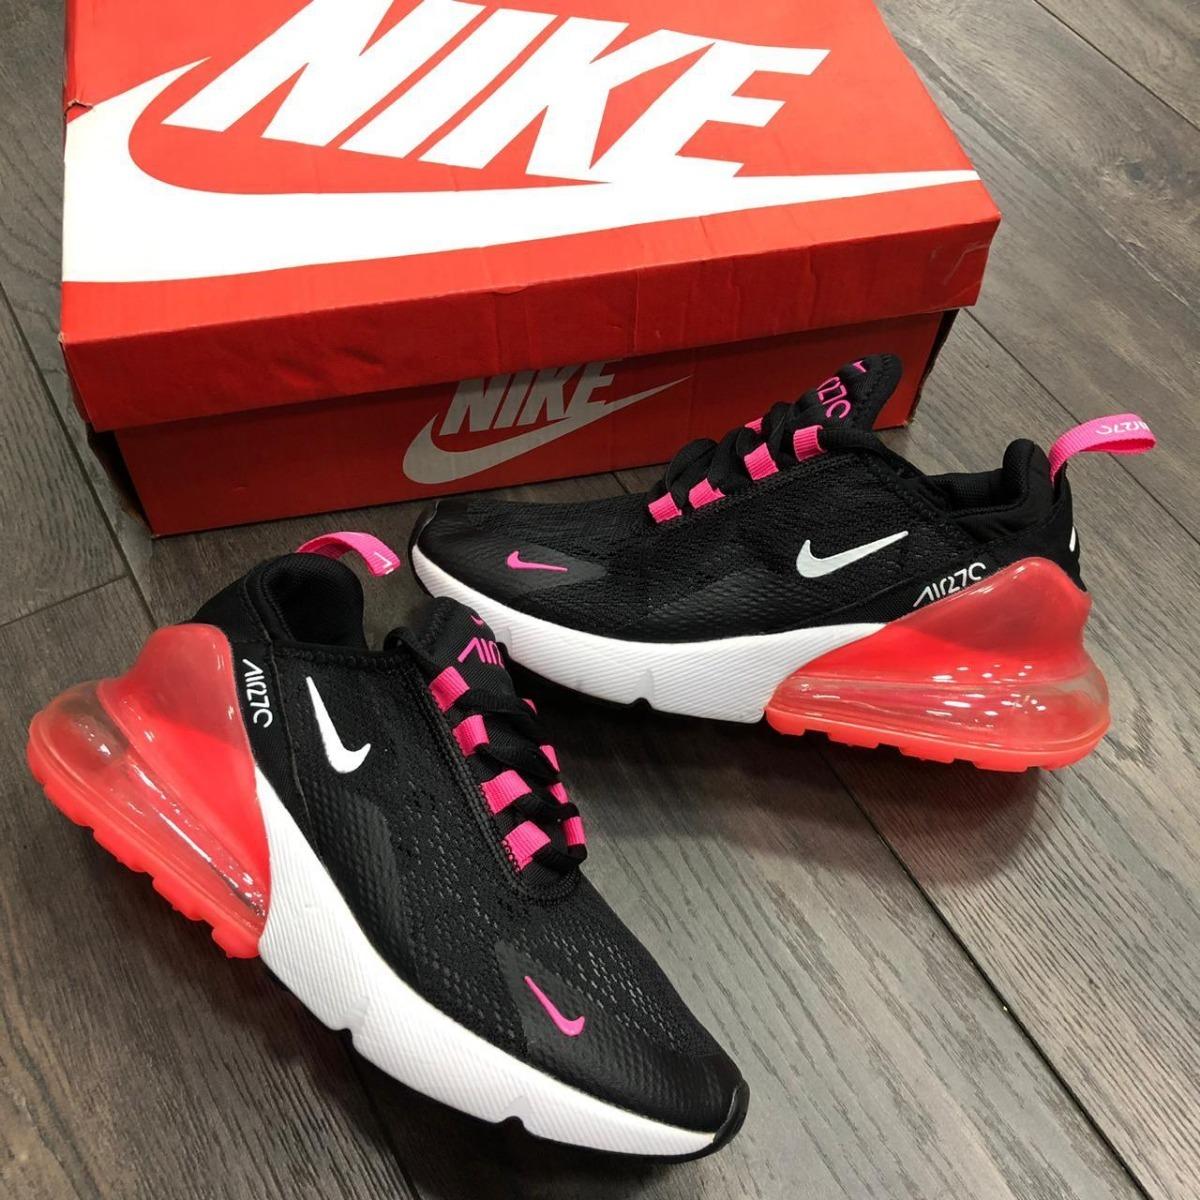 Zapatillas Tenis Nike Air Max 270 Mujer Original